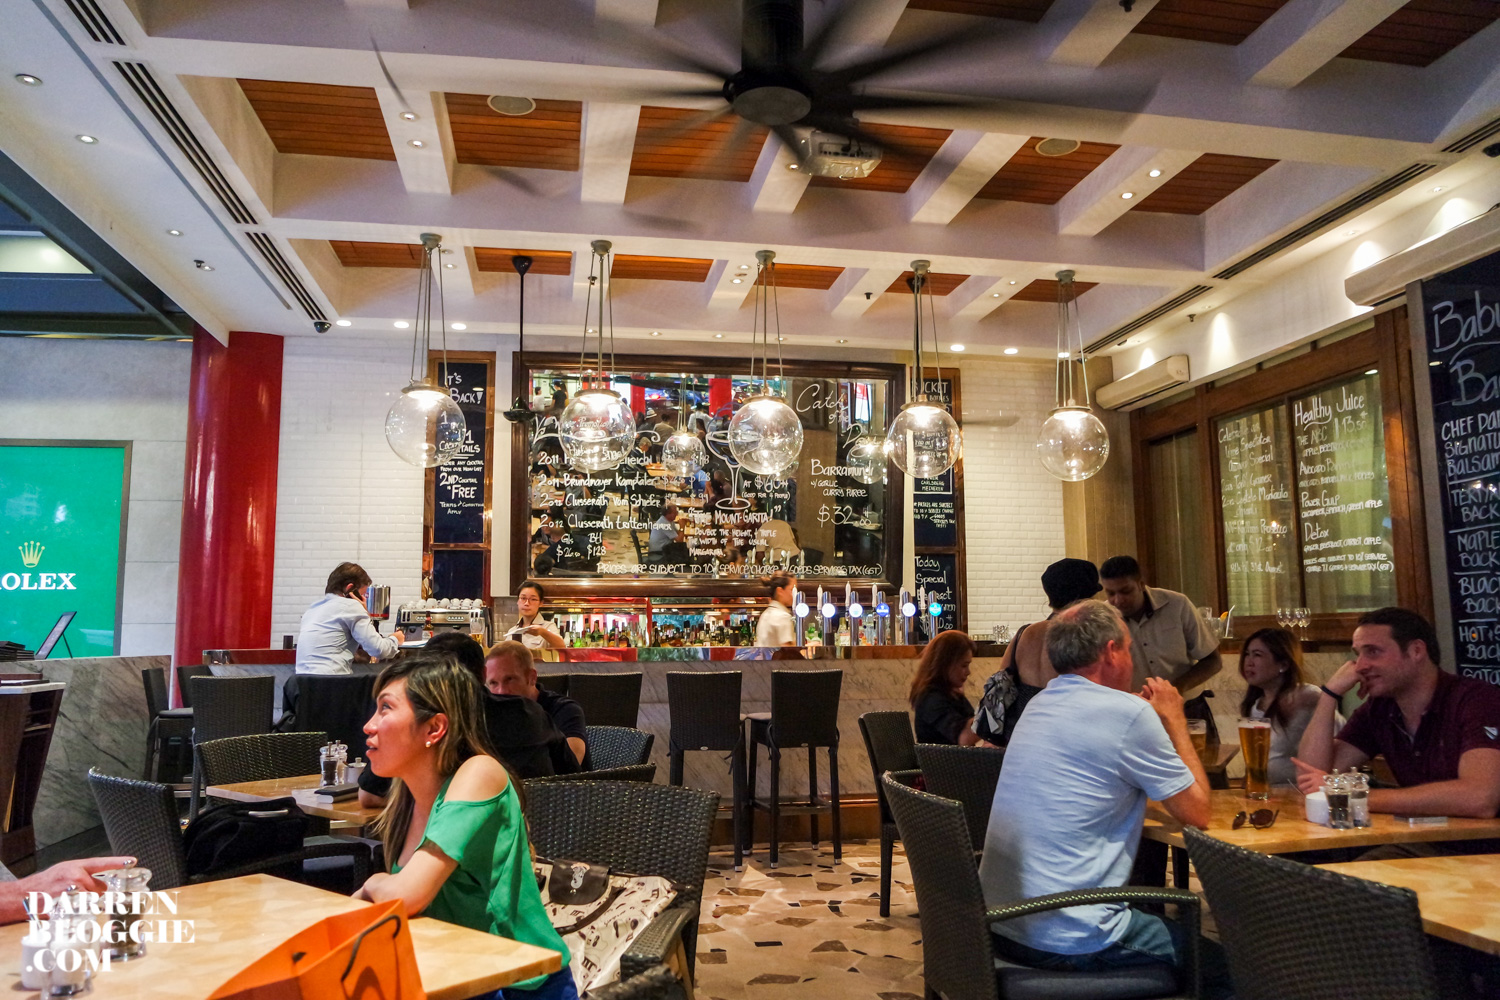 marriott_hotel_cafe_buffet_thai_vietnam-0161